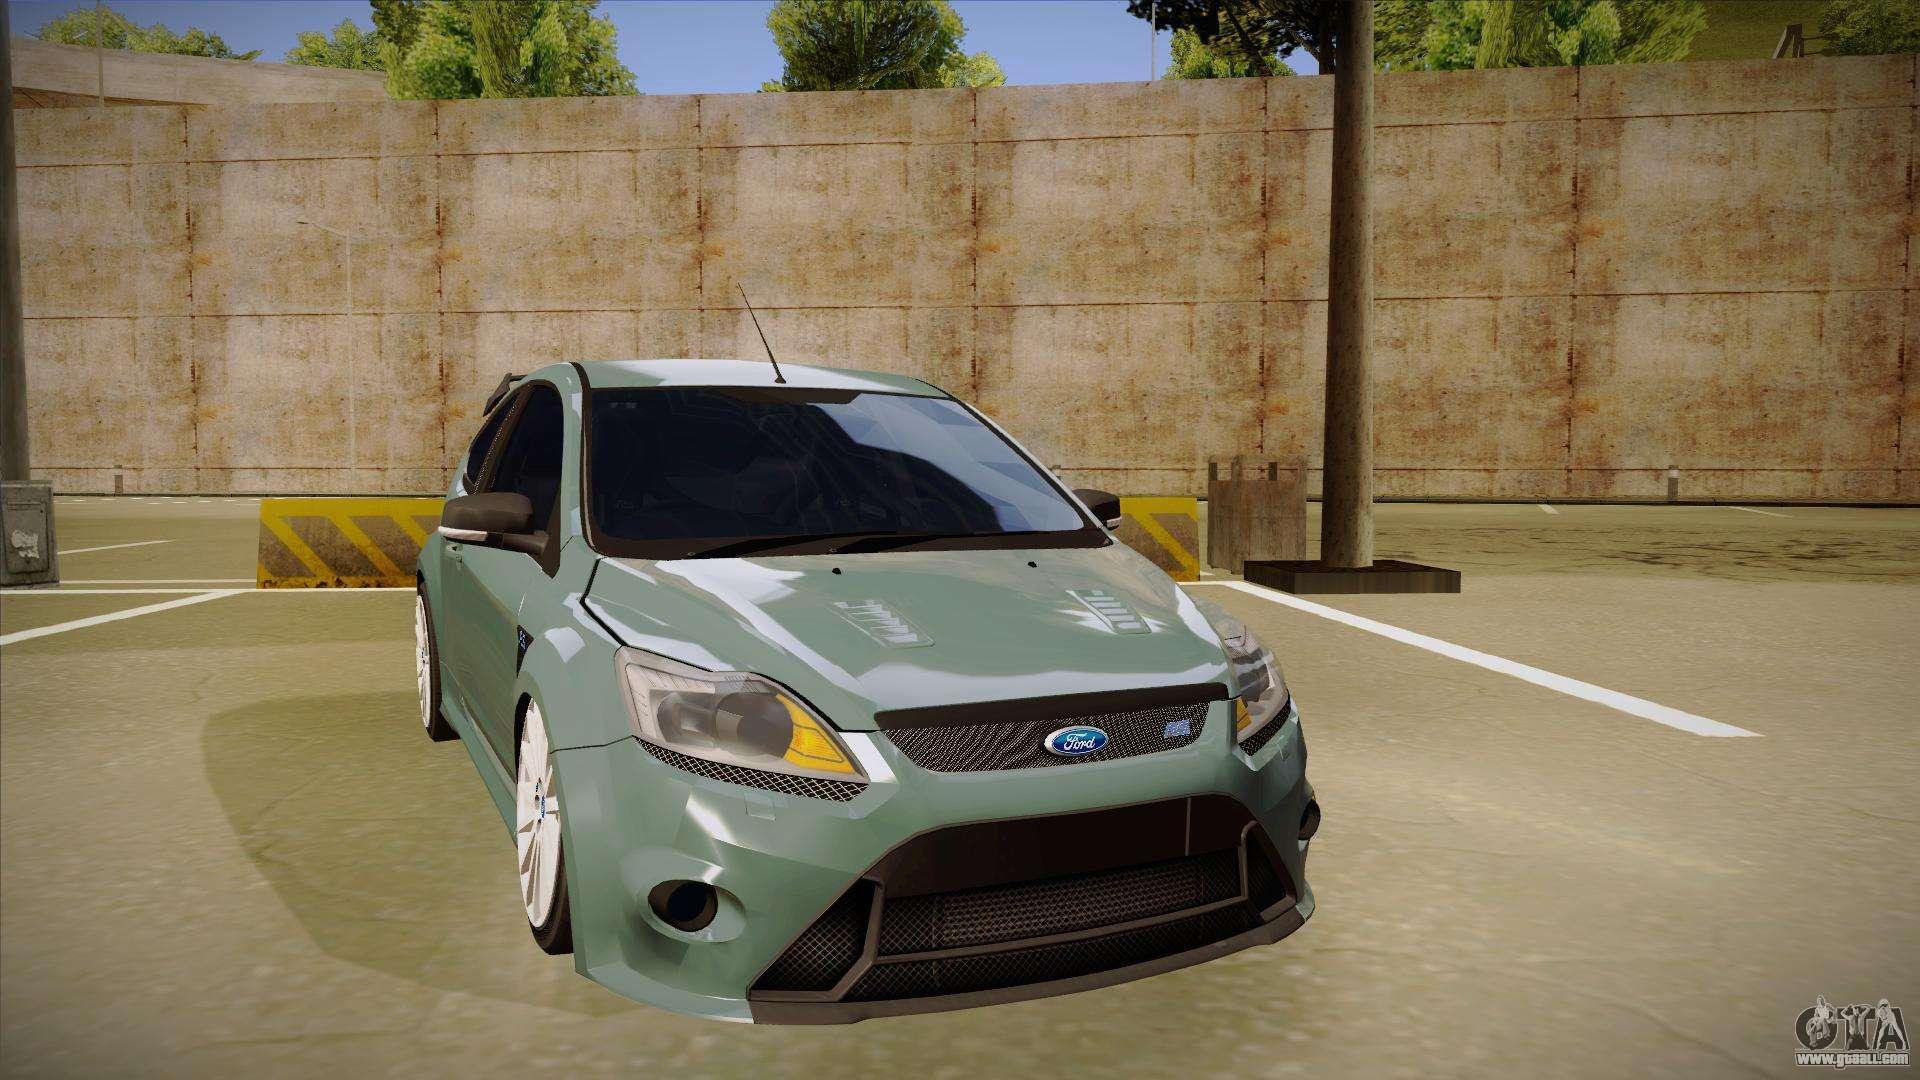 Ford Focus, precios tarifa automovil, gama Ford - Arpem.com